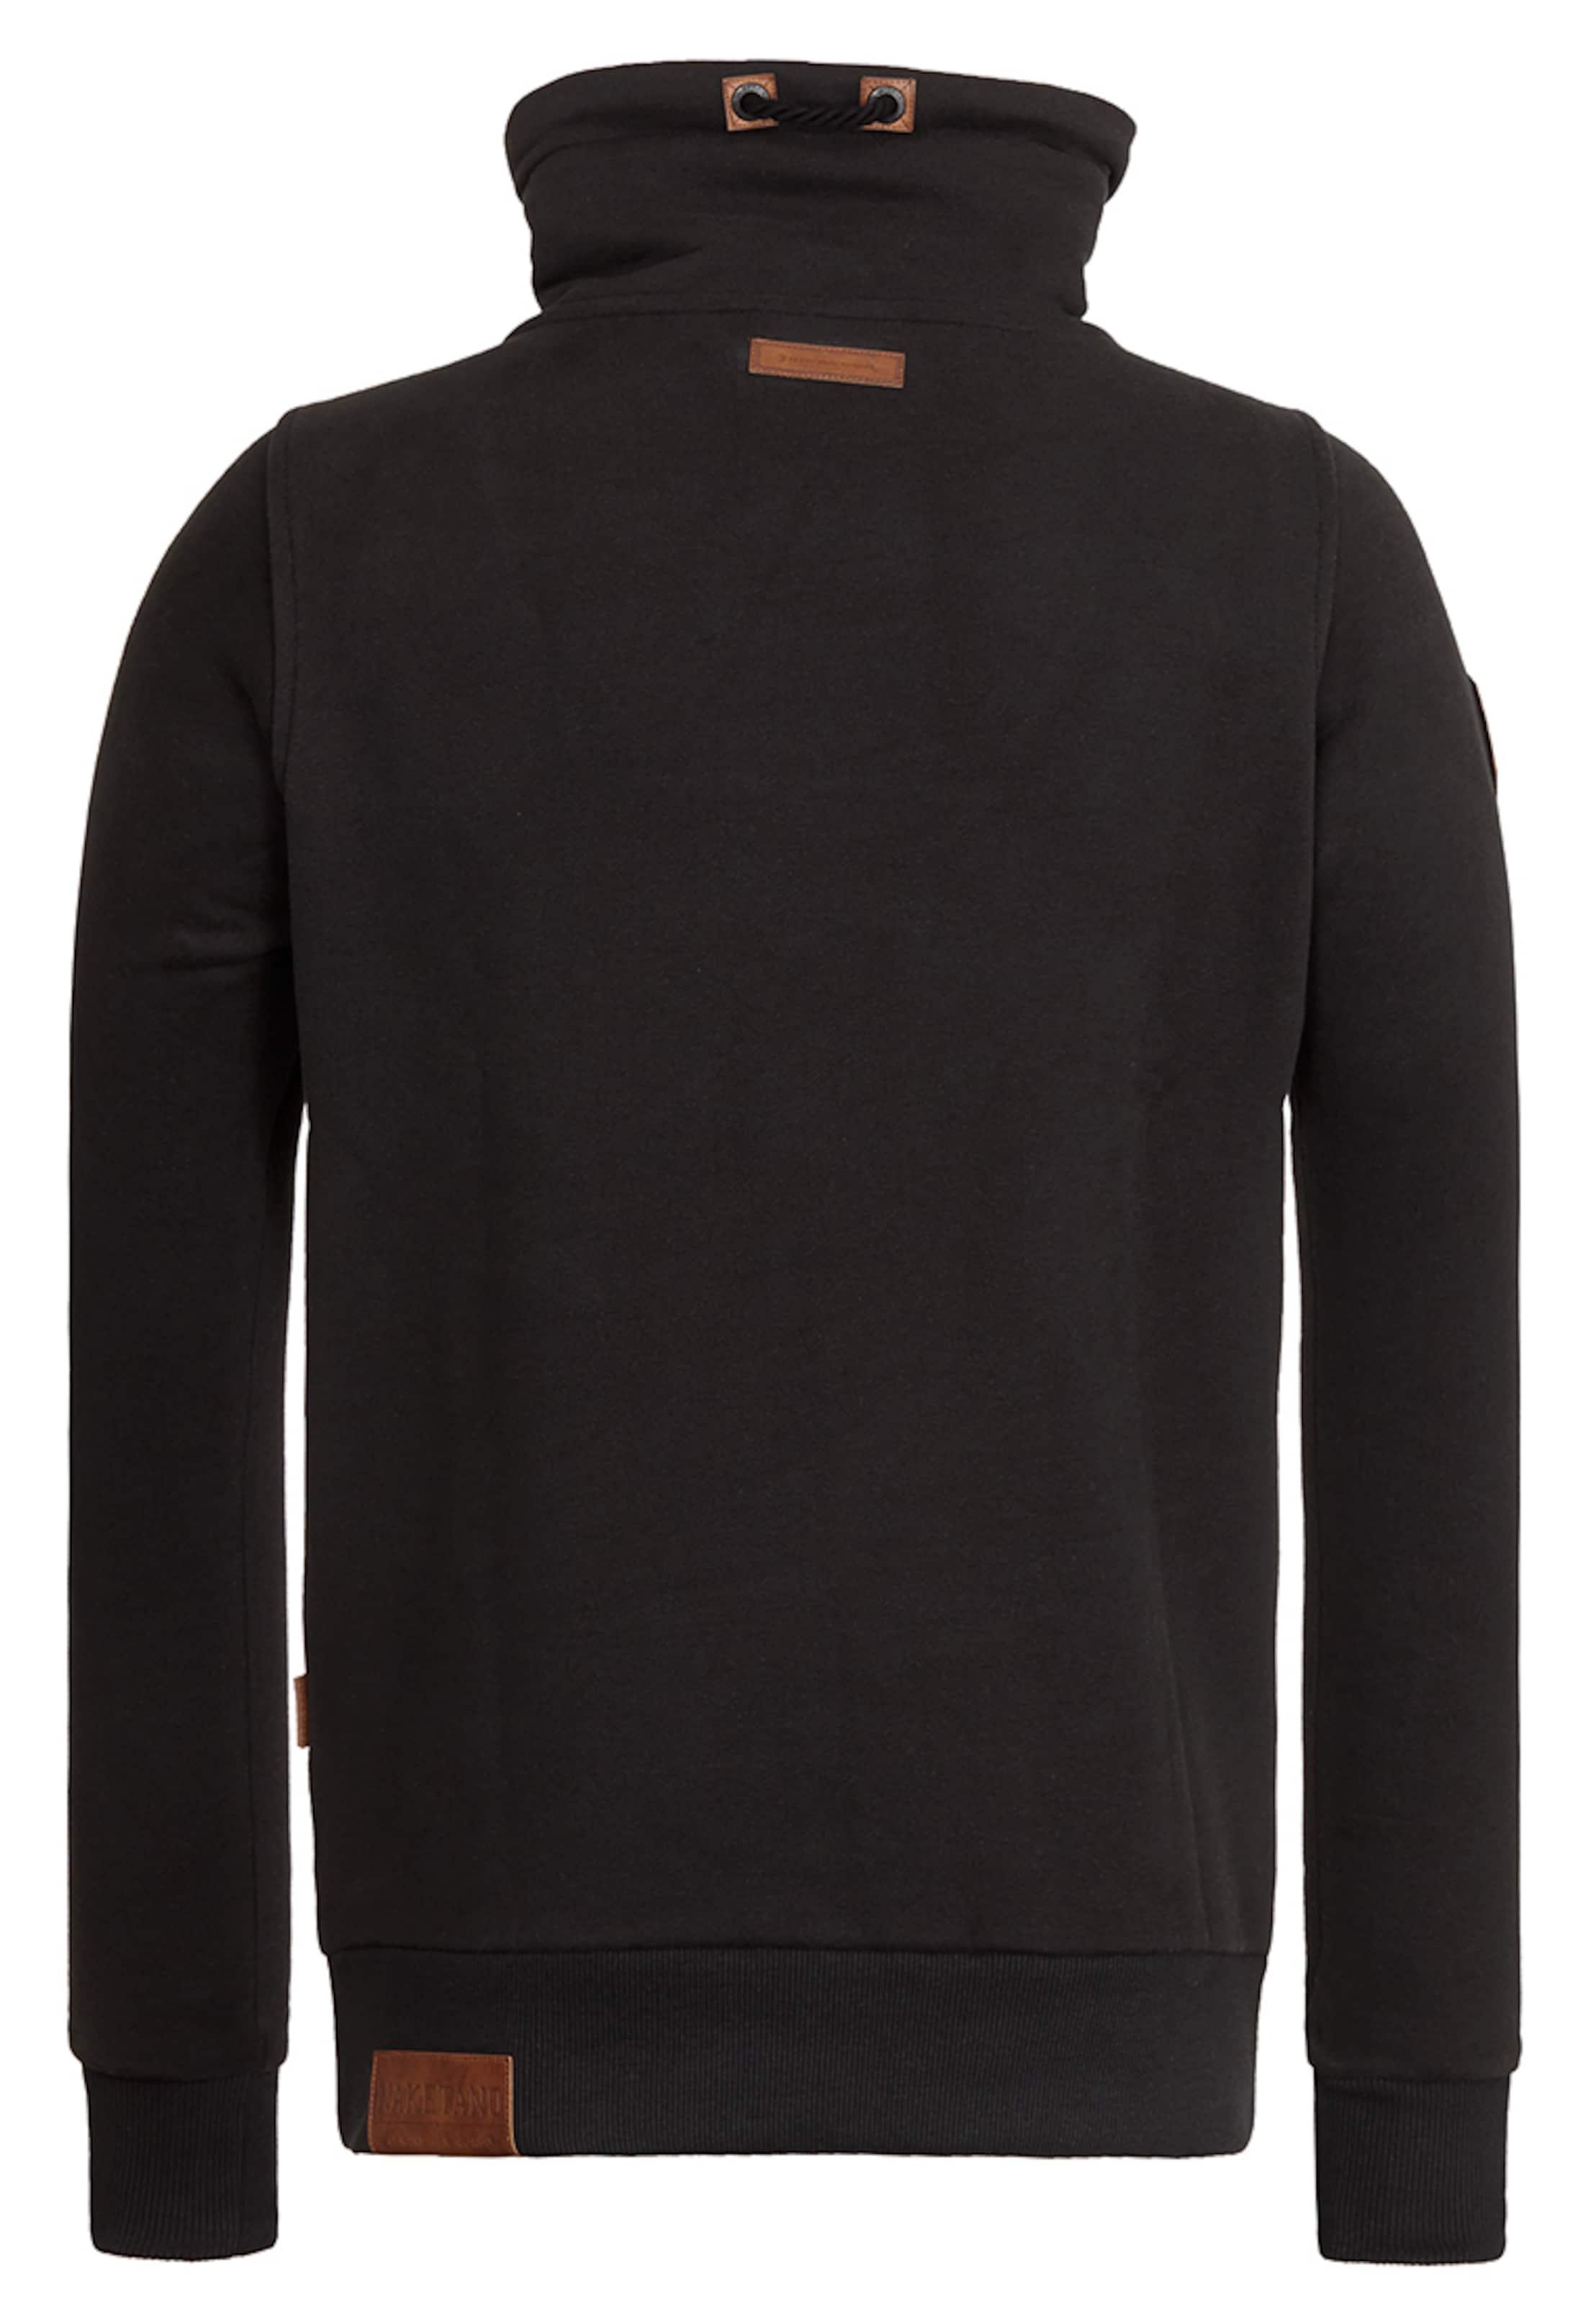 naketano Male Sweatshirt Verkauf Große Überraschung Für Schöne Online Spielraum Offiziellen eQrROtwJPl